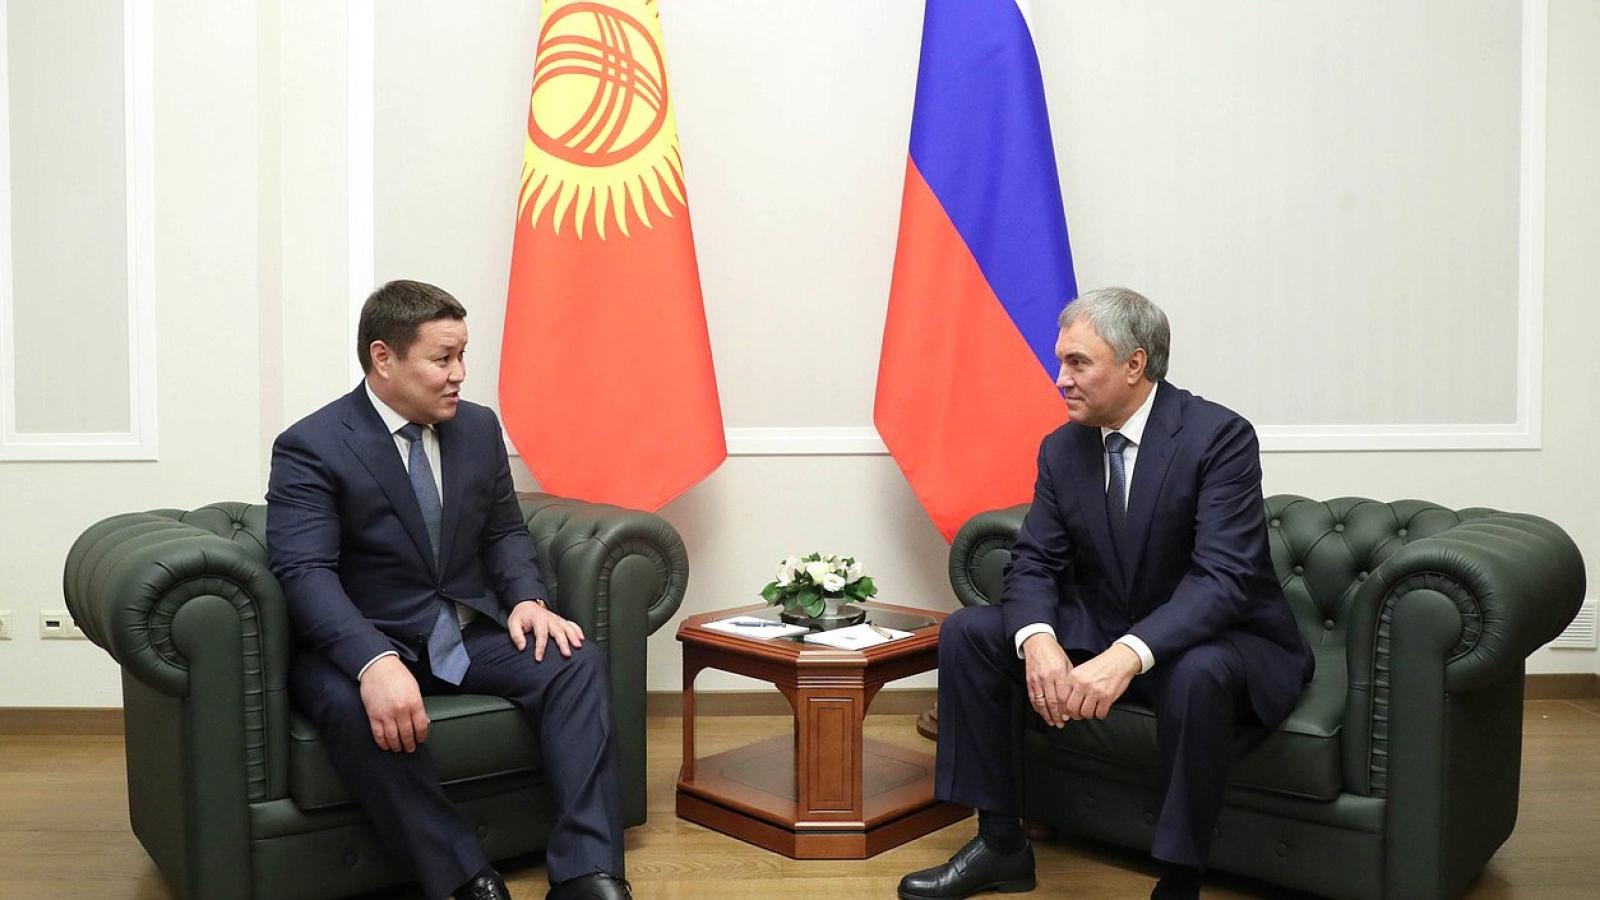 Nga mong muốn Kyrgystan là quốc gia mạnh và có chủ quyền